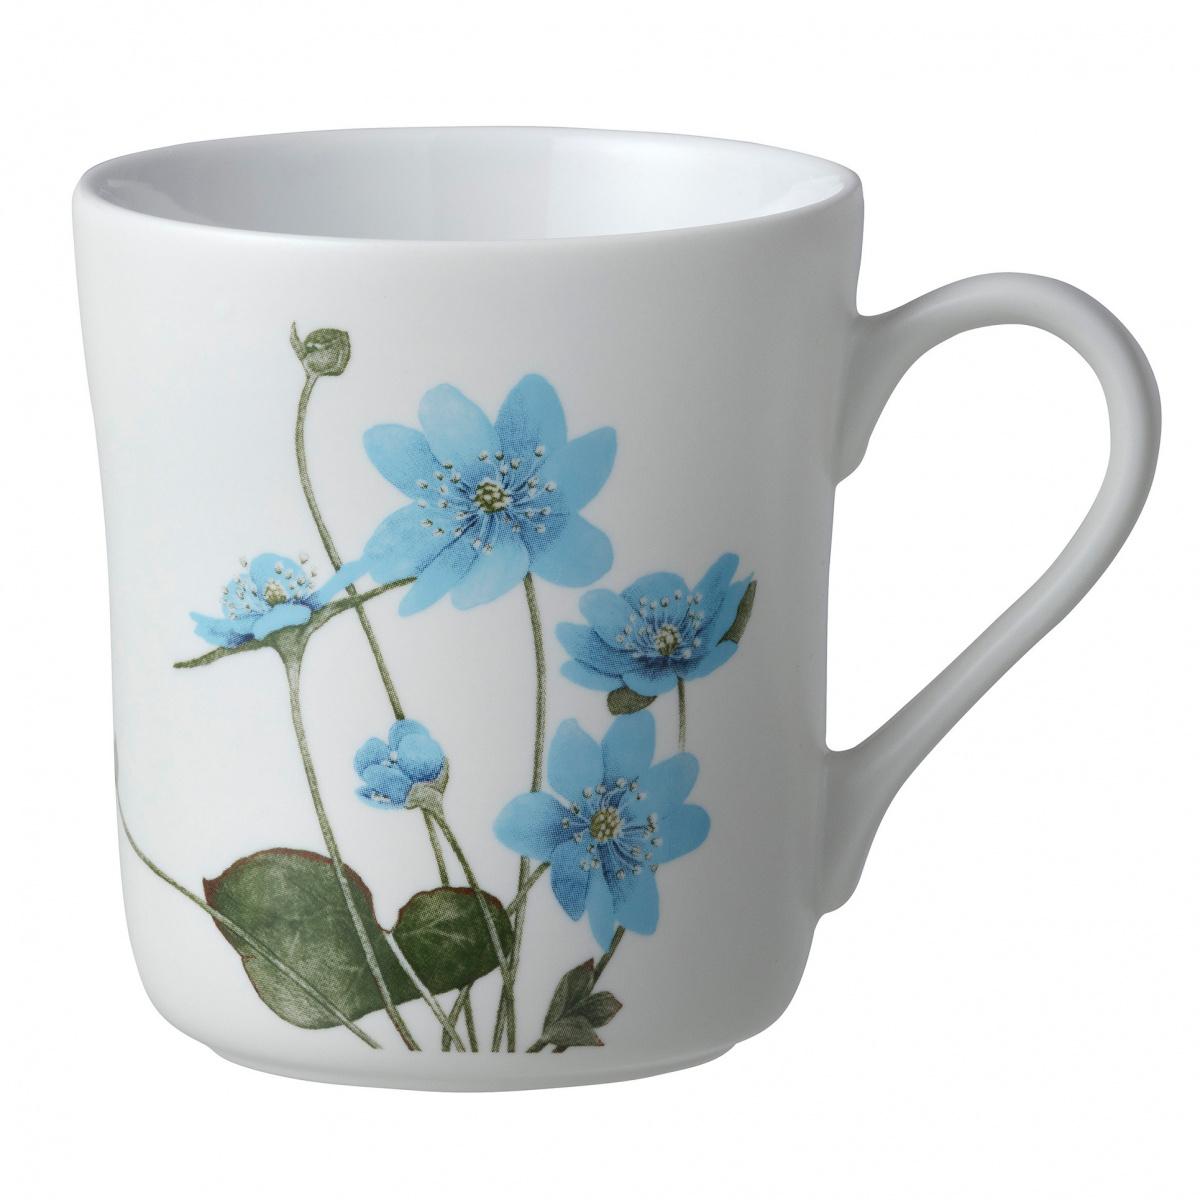 Koustrup & Co. krus - blå anemone